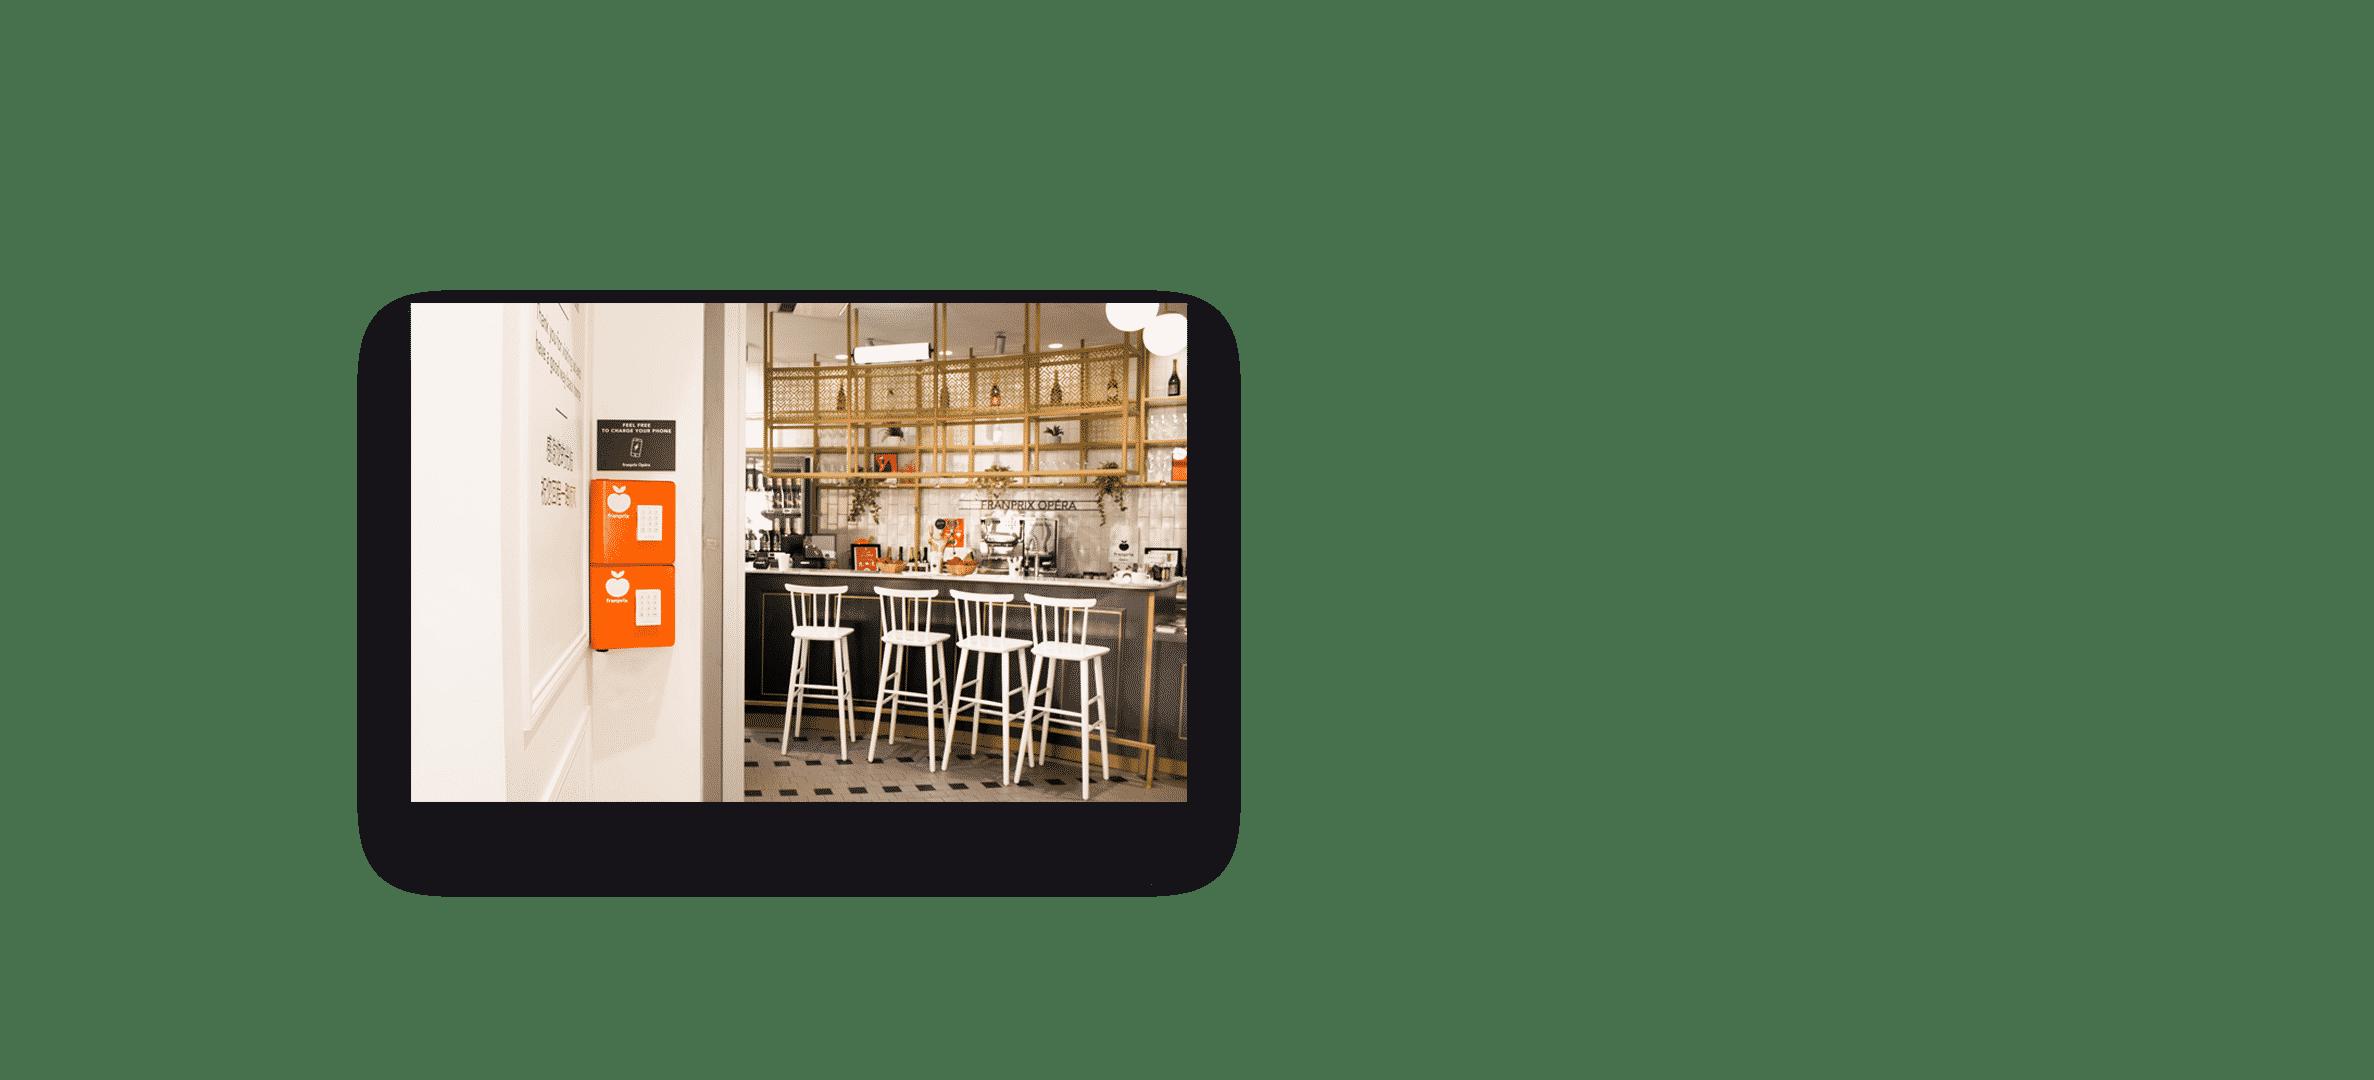 La station couleur mandarine recharge gratuitement votre téléphone chez Franprix Opéra